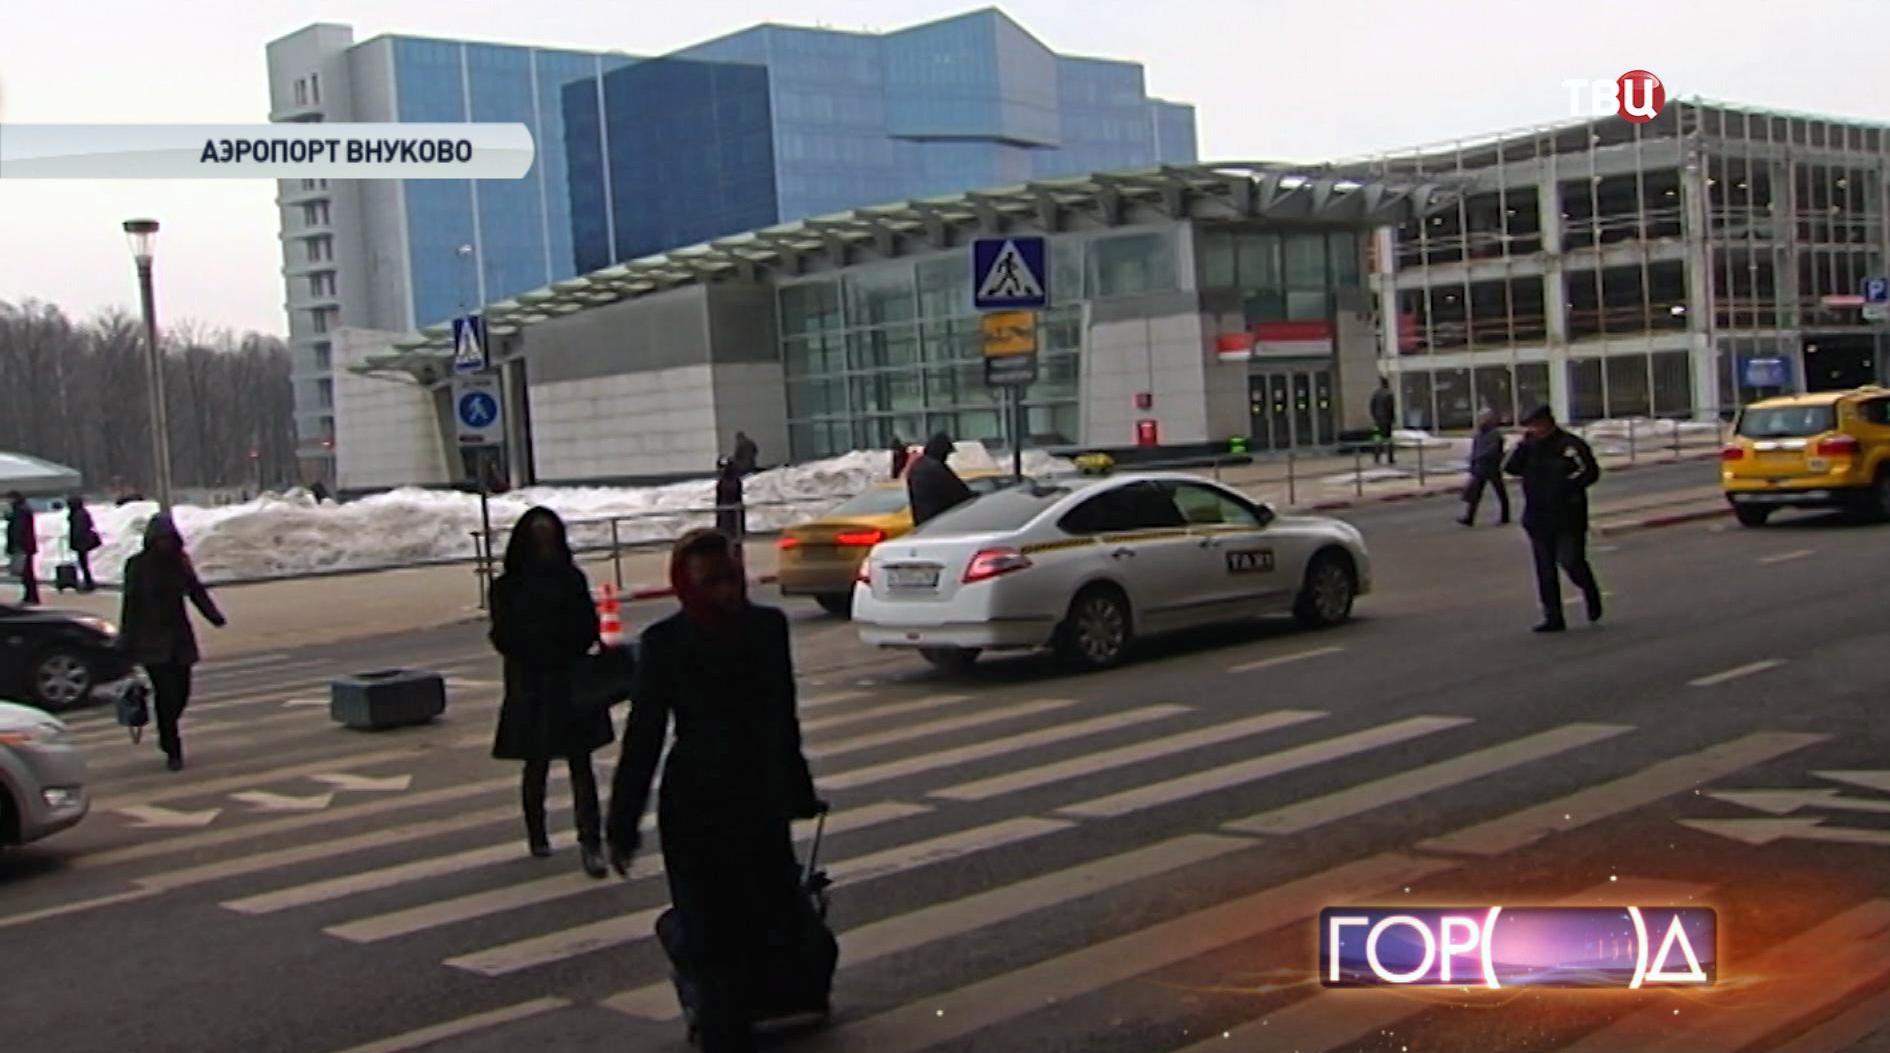 схема движение по аэропорту внукого